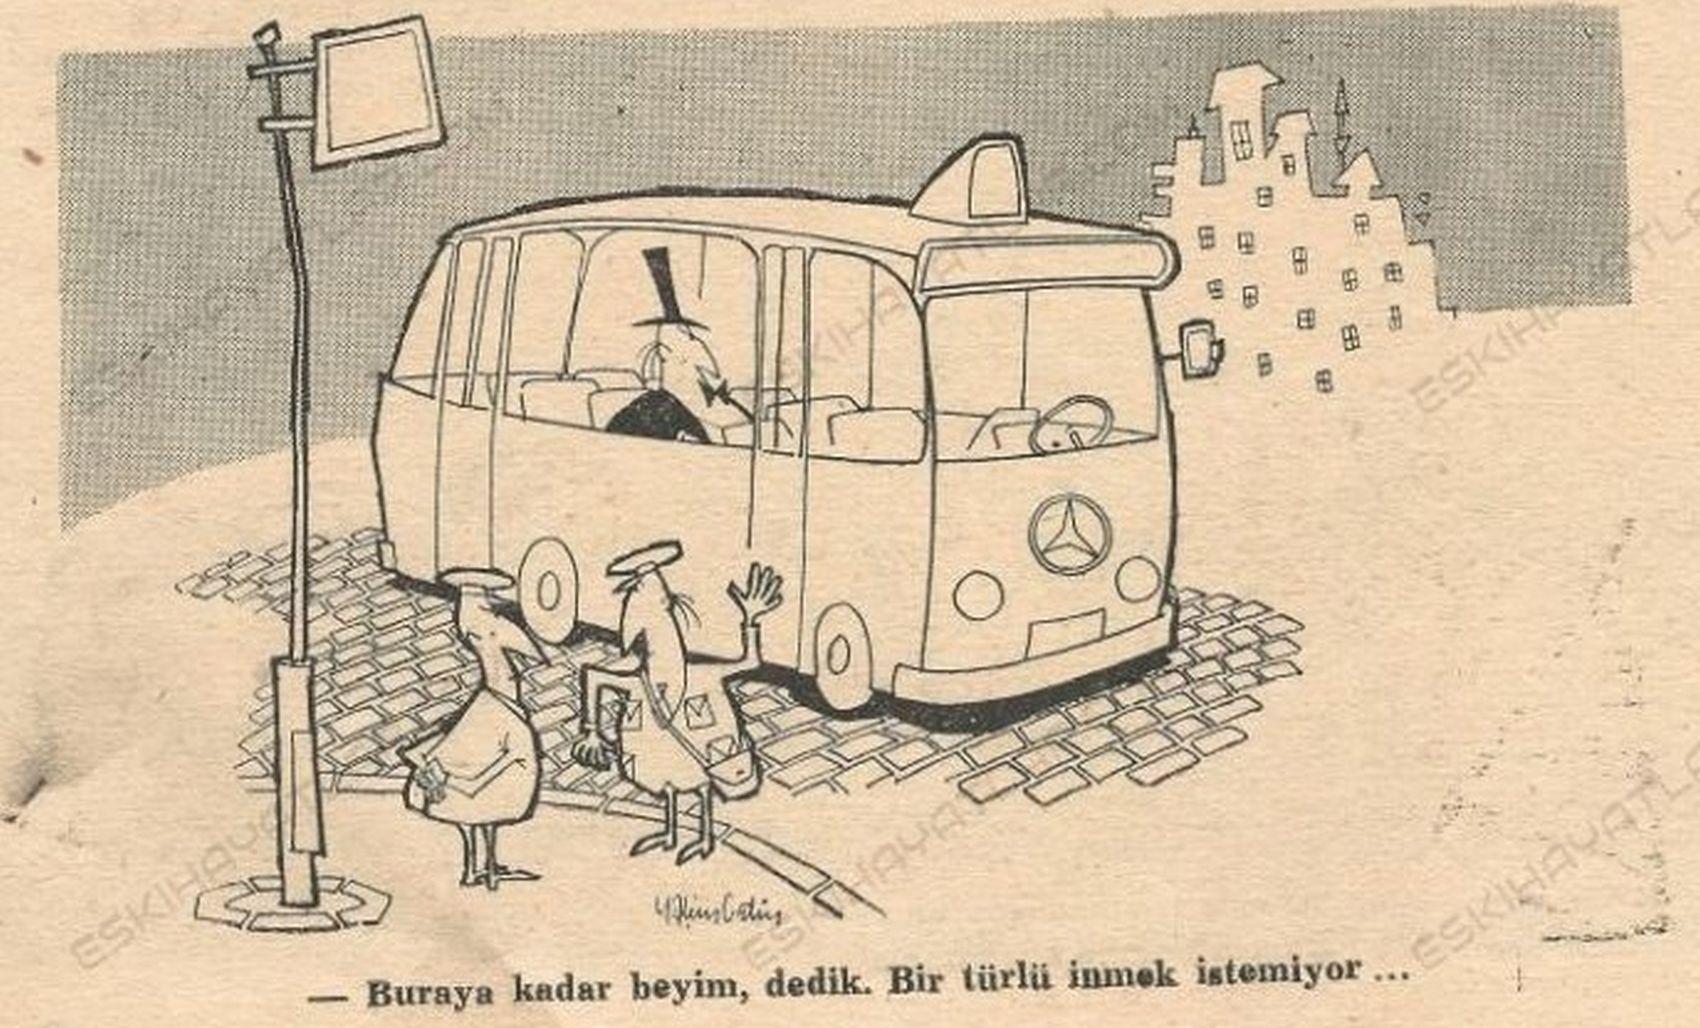 0363-akbaba-dergisi-18-haziran-1959 (4)